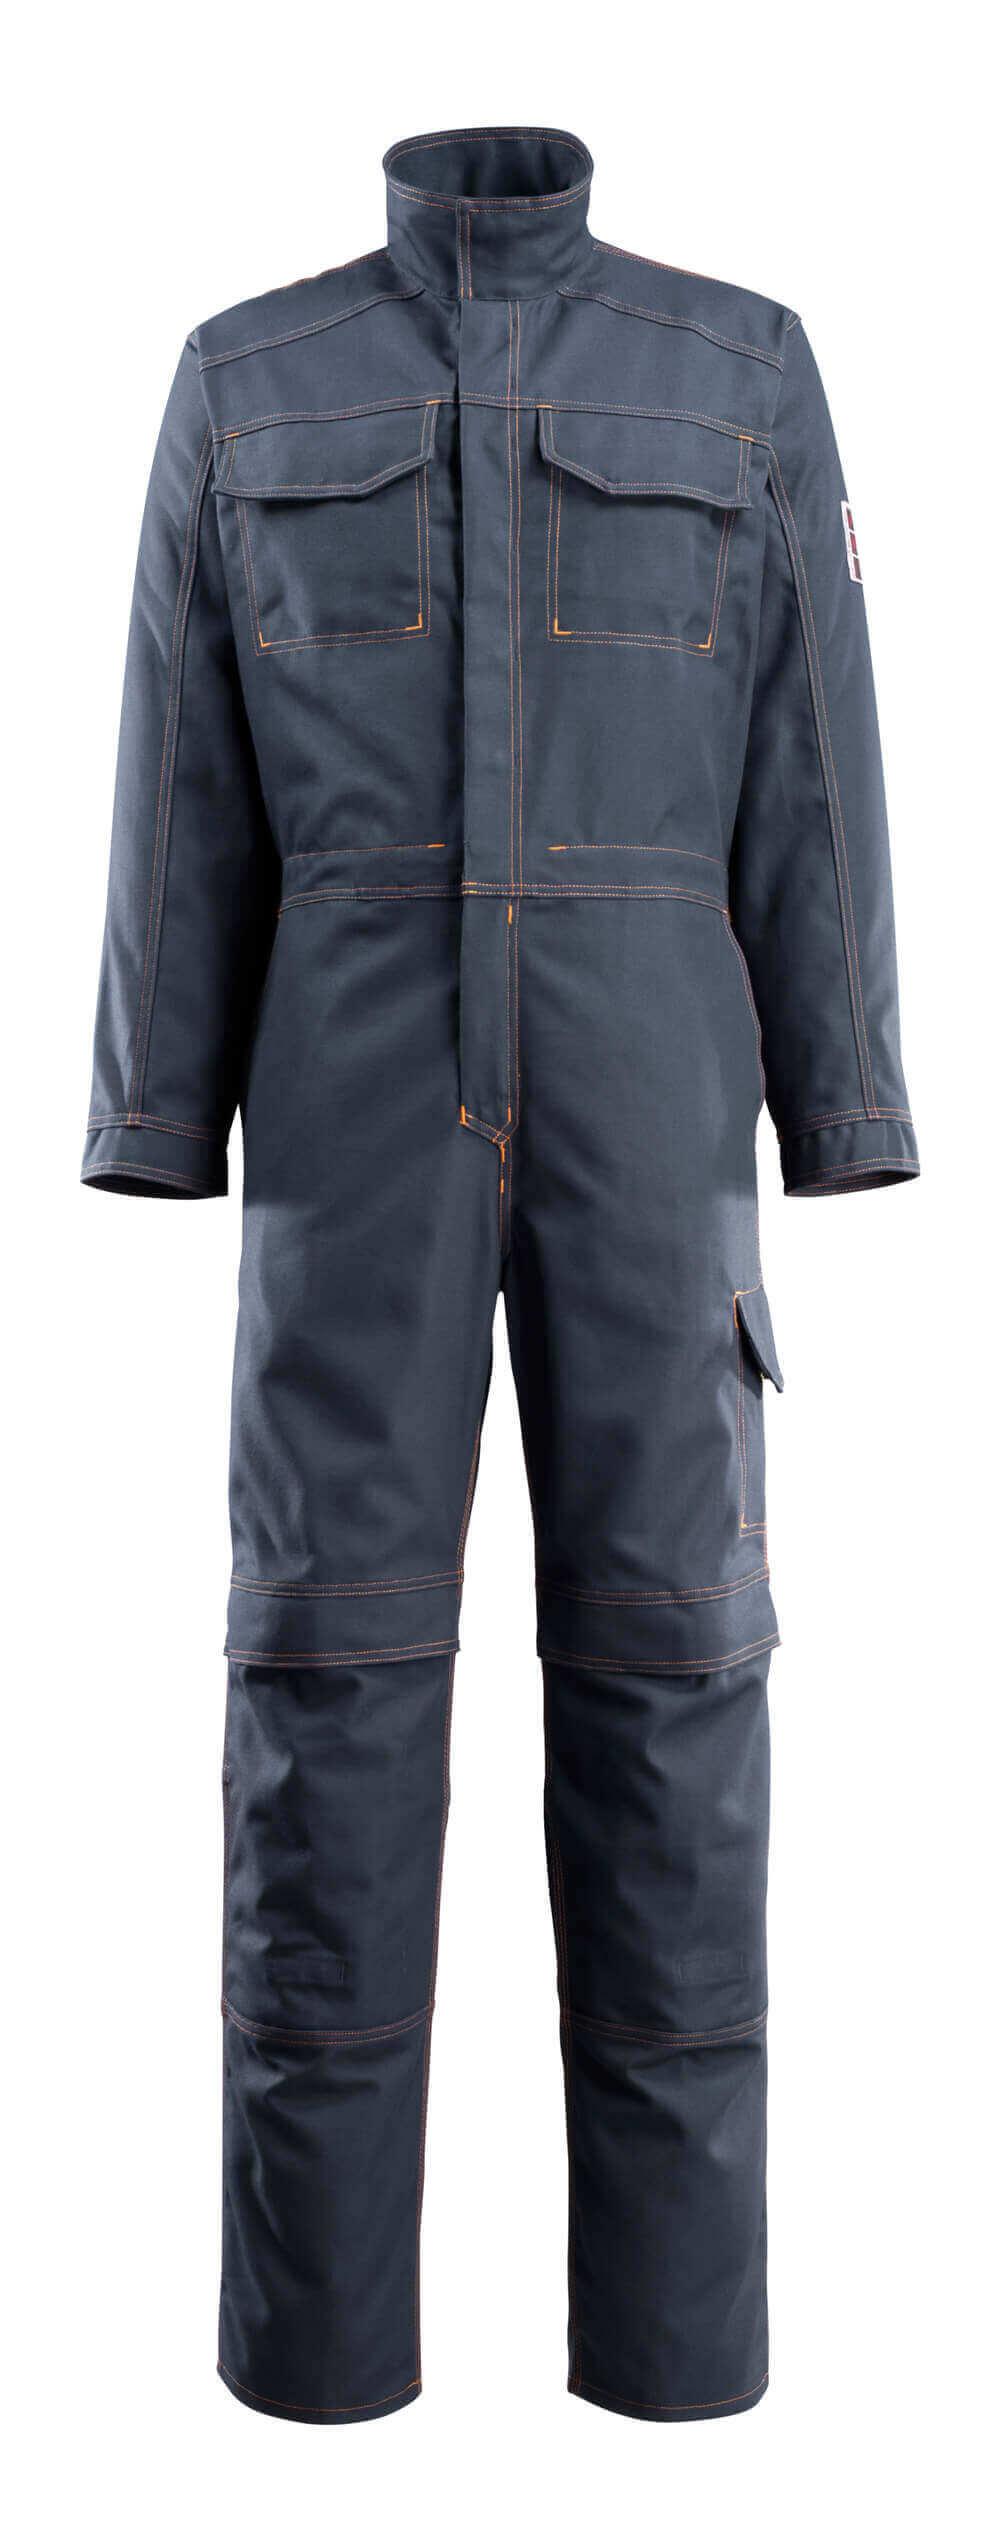 06619-135-010 Mono con bolsillos para rodilleras - azul marino oscuro